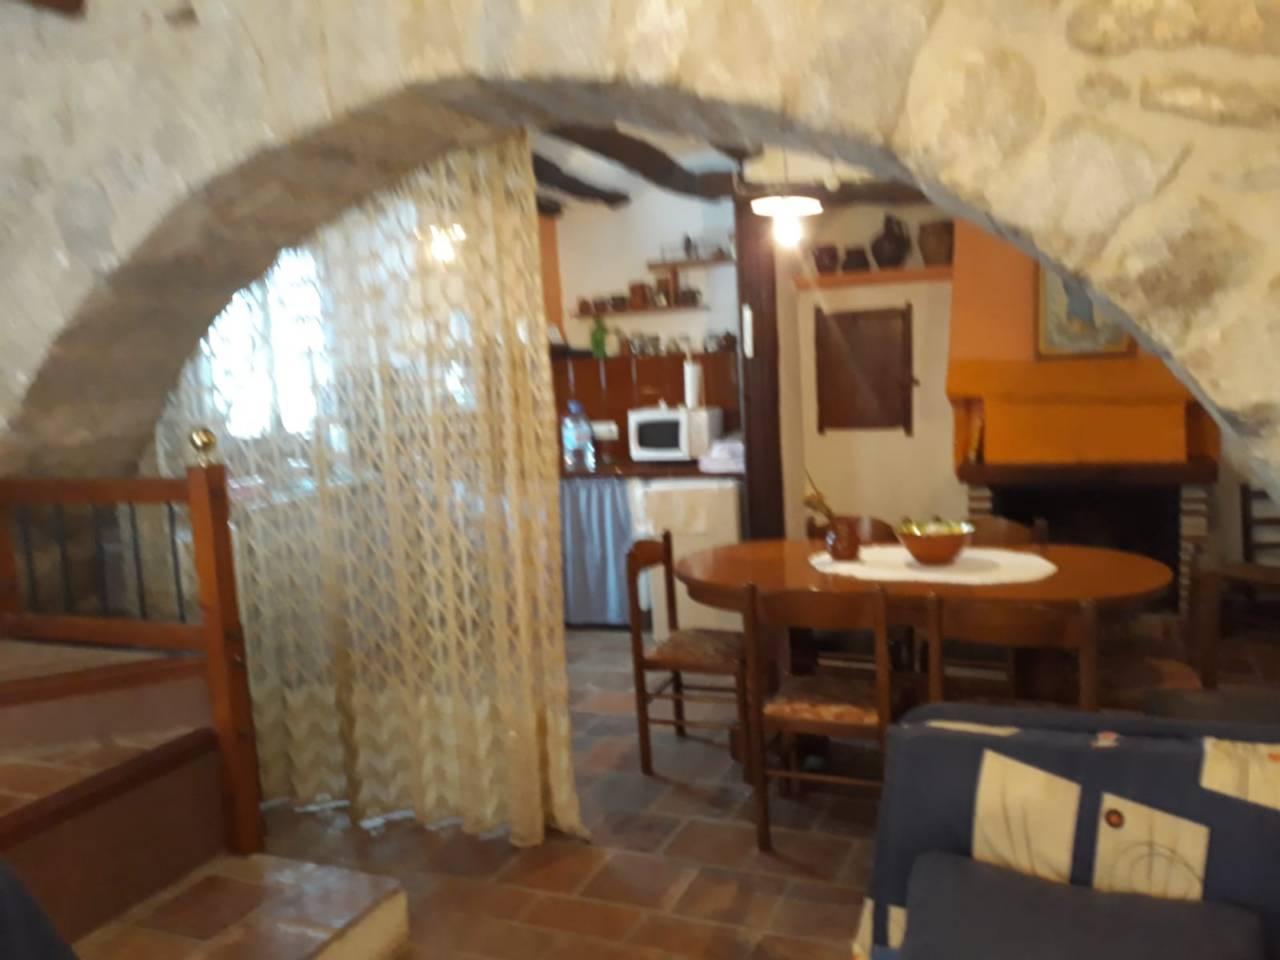 Casa a Morella. Casa con 60 m2 por planta, tiene cocina de leña, con chimenea en